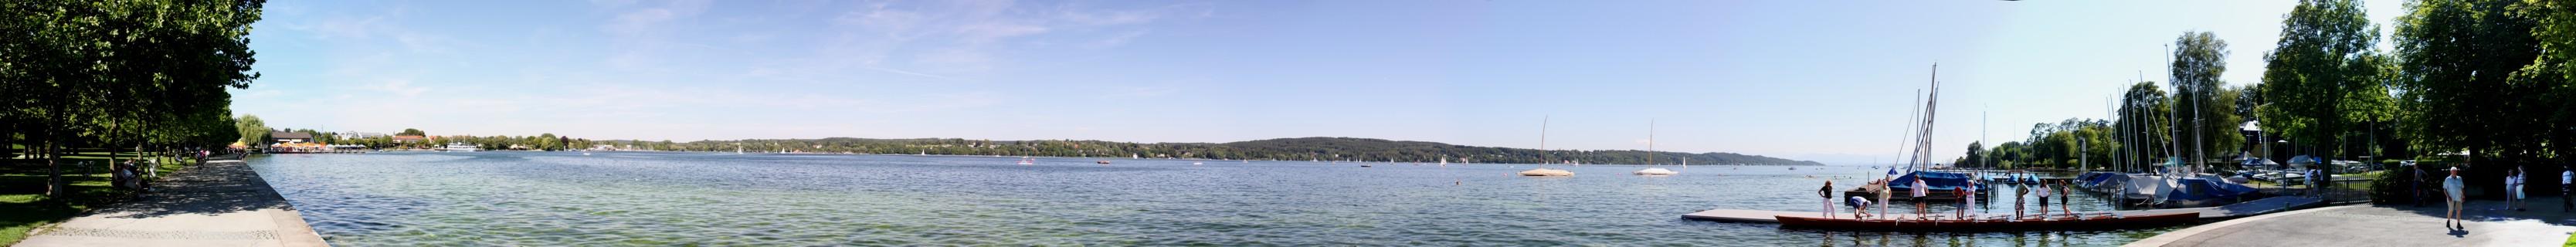 Starnberg-Panorama